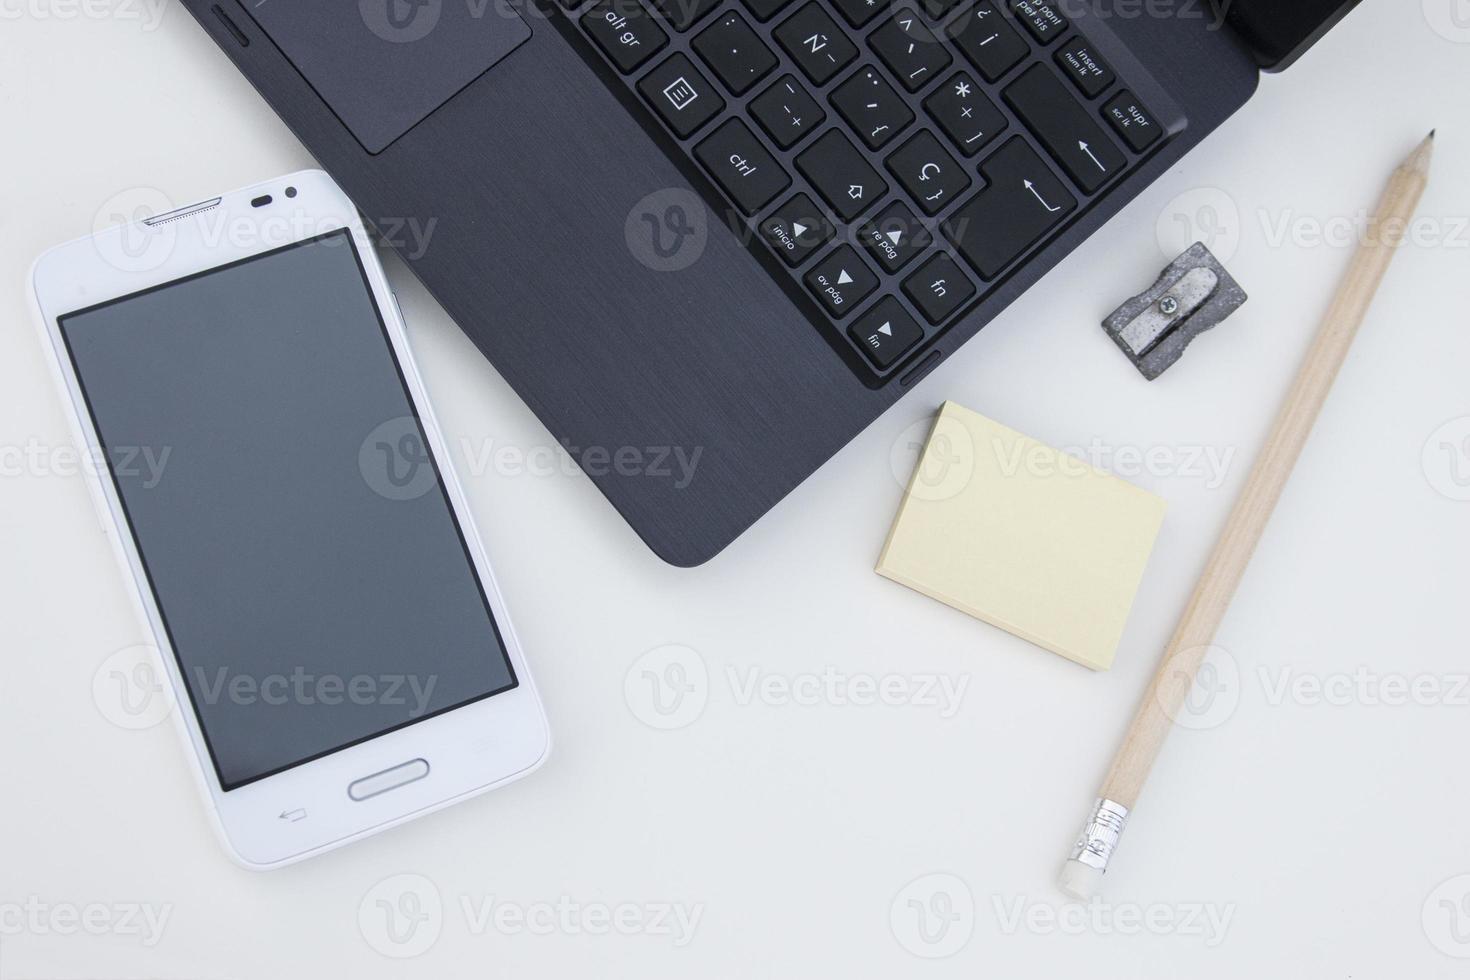 espaço de trabalho com computador portátil, móvel, clipes, lápis, postá-lo sobre branco foto